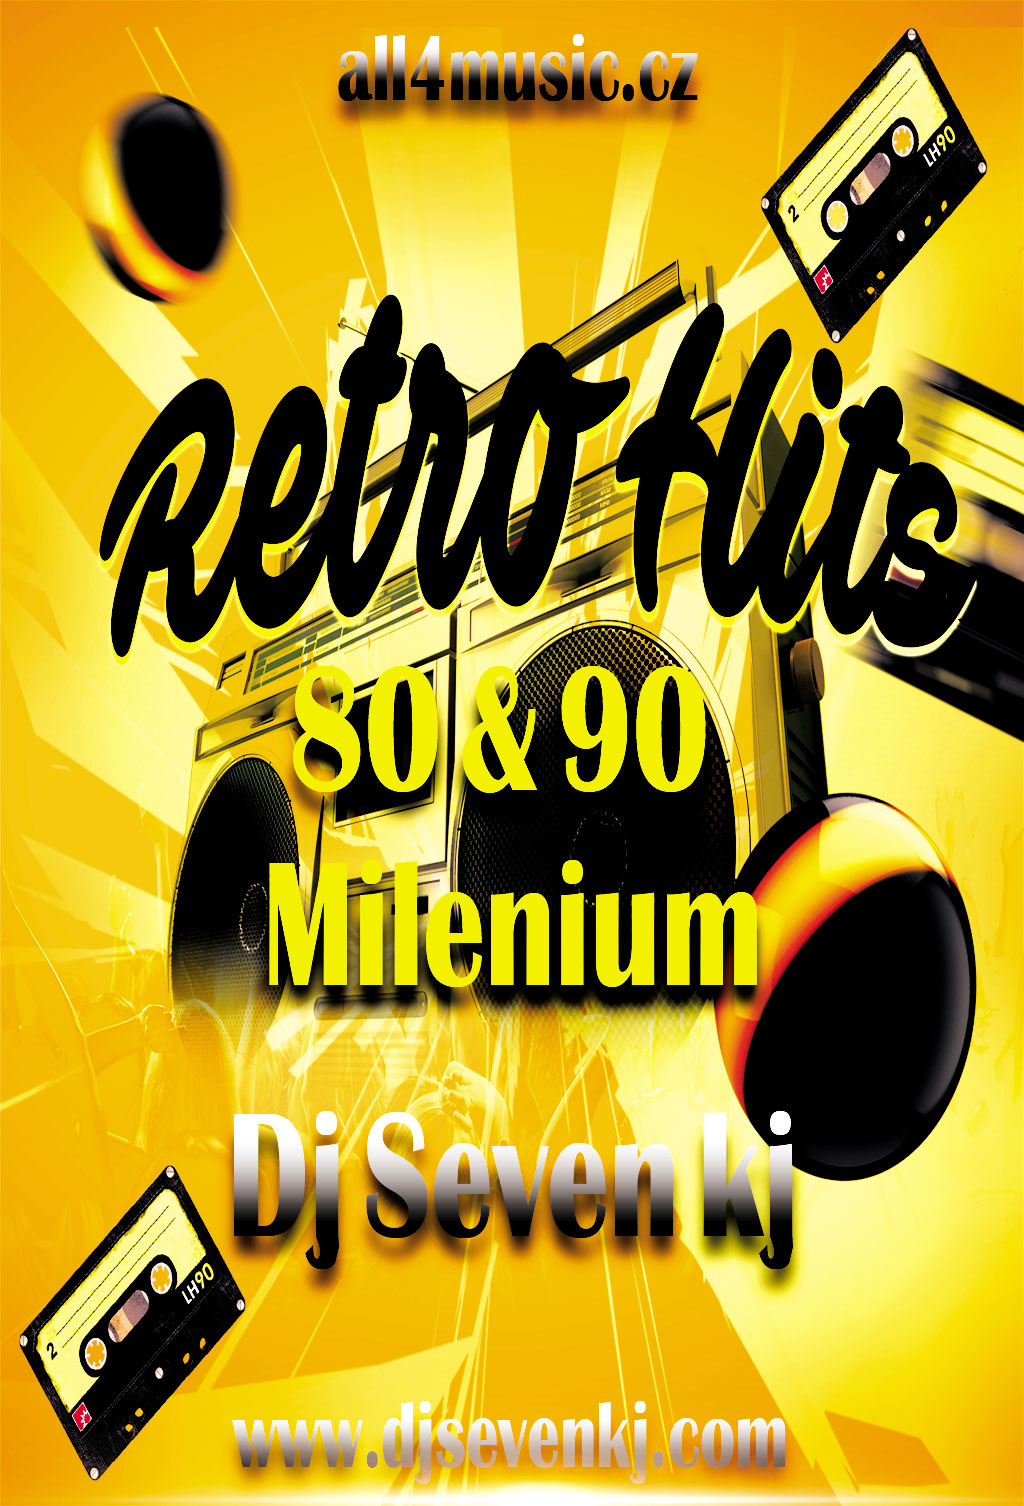 Retro dj disco 80 90